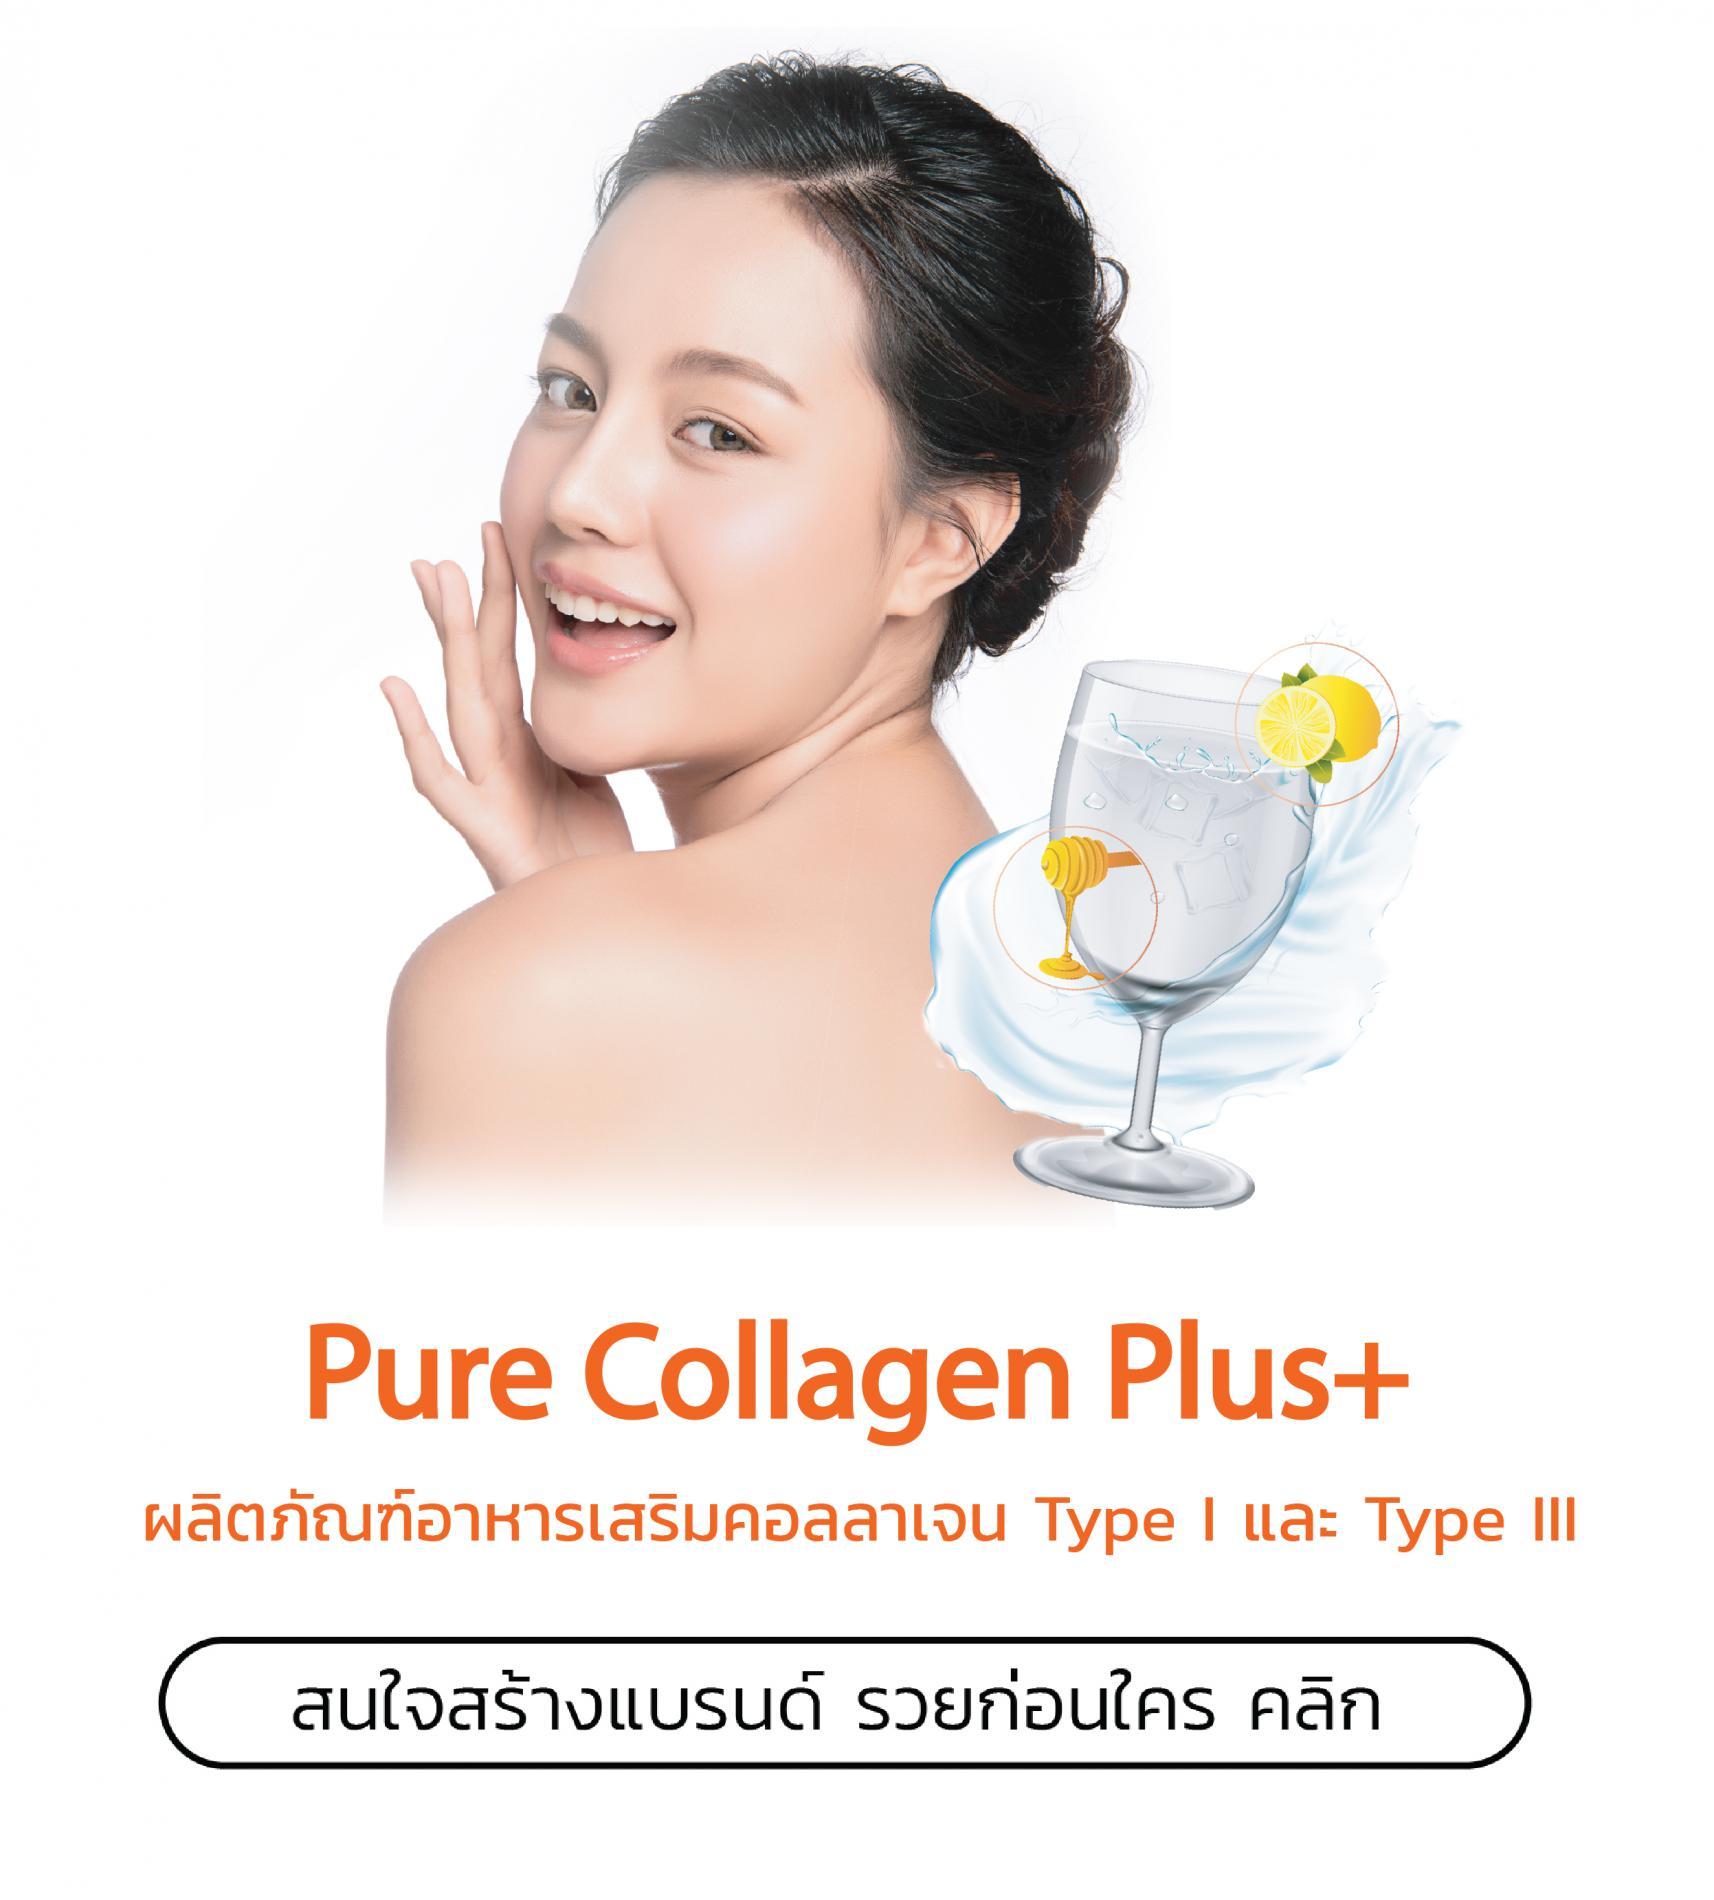 สร้างแบรนด์อาหารเสริม Pure Collagen Plus+ รวยก่อนใคร